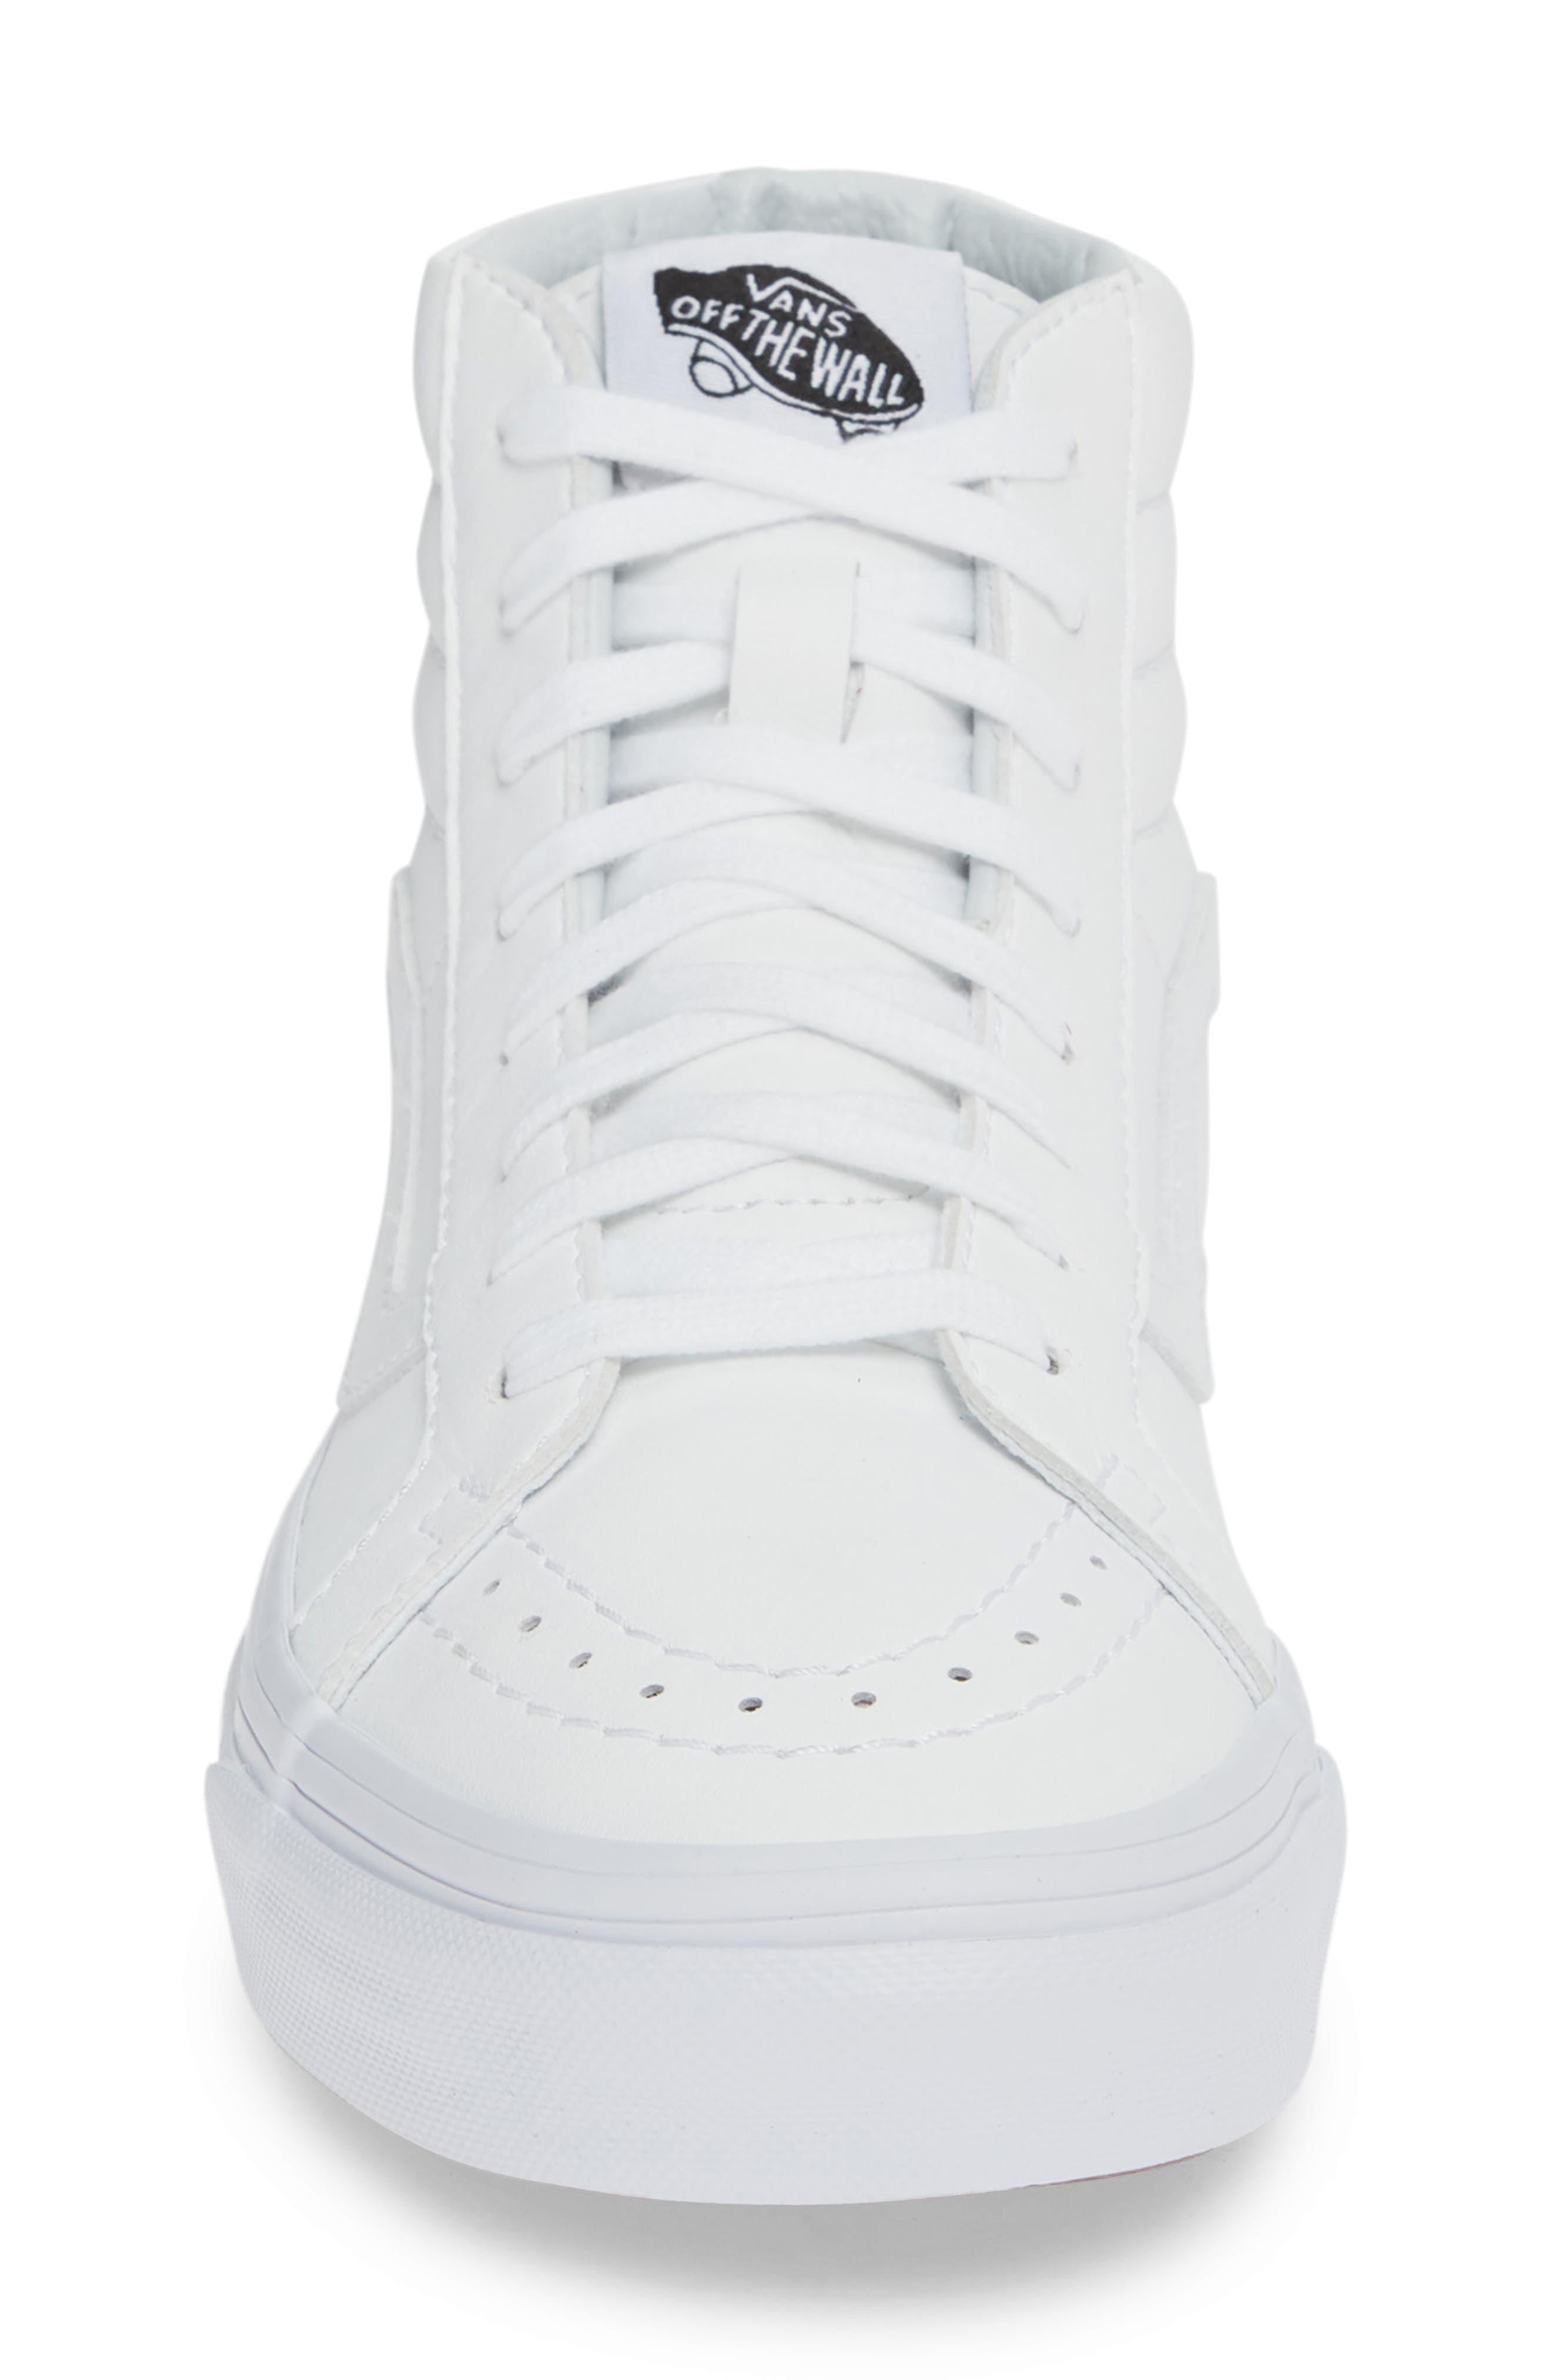 VANS, 'Sk8-Hi Reissue' Sneaker, Alternate thumbnail 4, color, TRUE WHITE